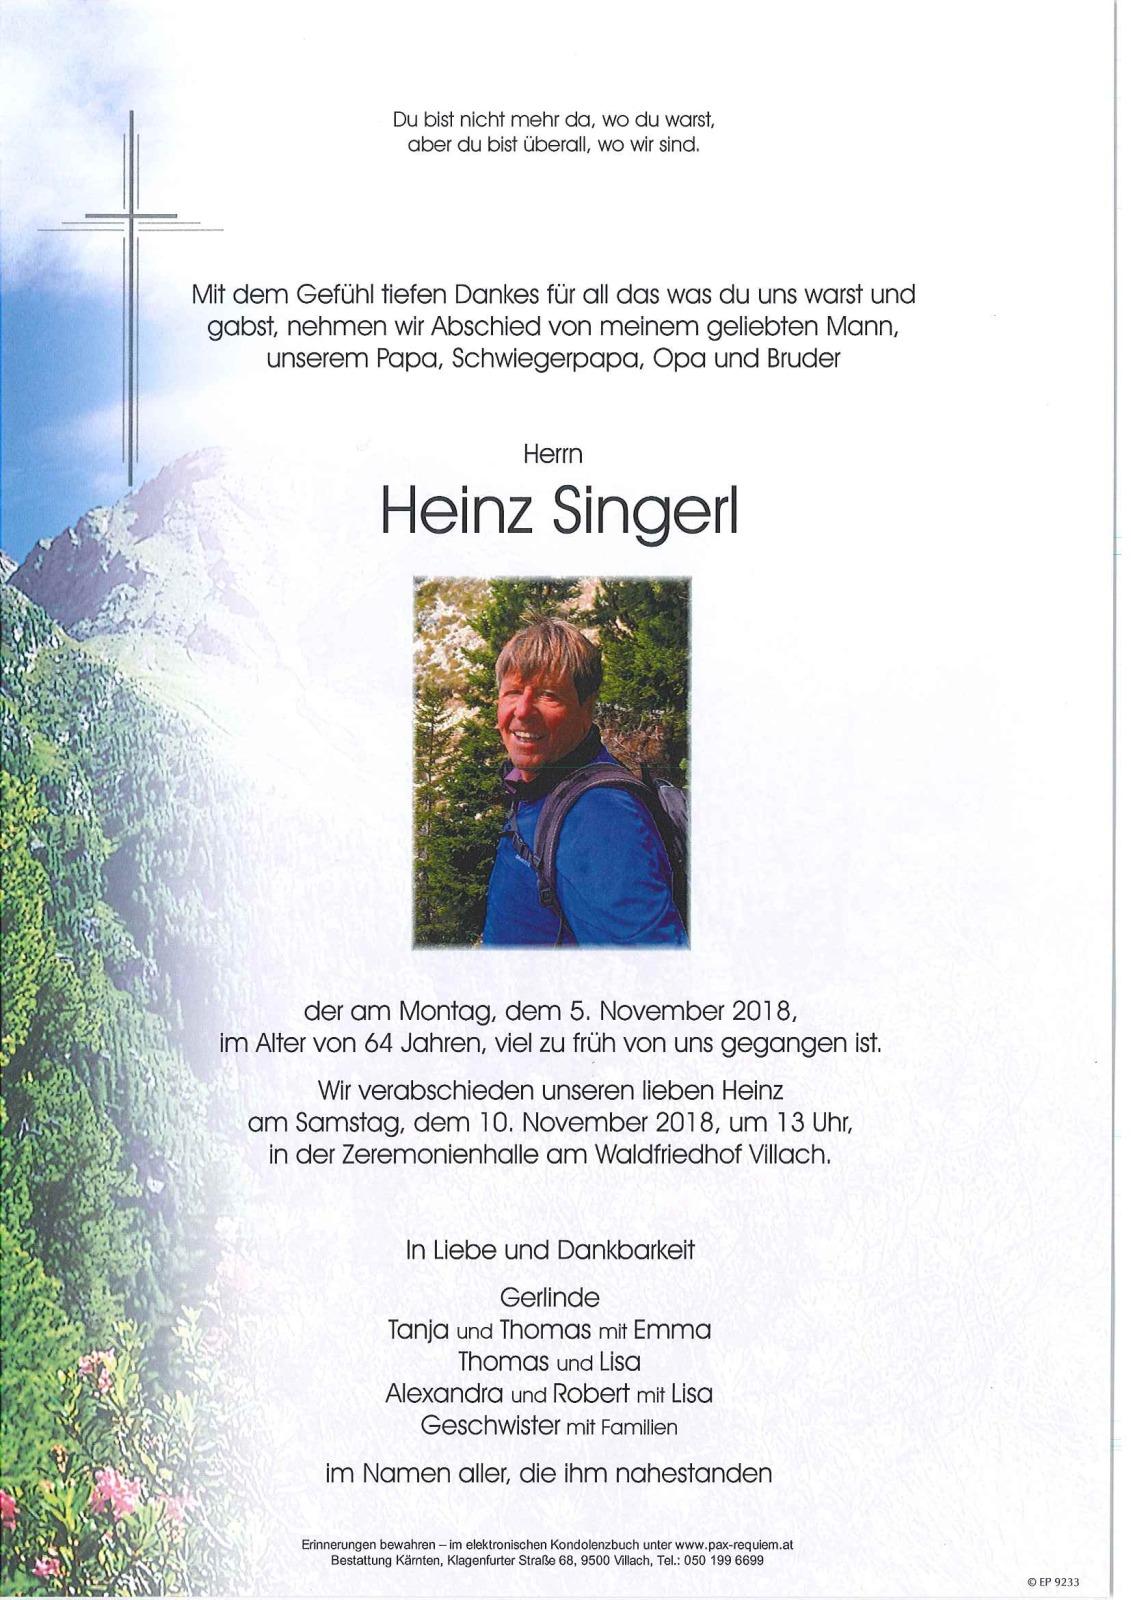 Freunde und Freizeitpartner Villach Land - volunteeralert.com